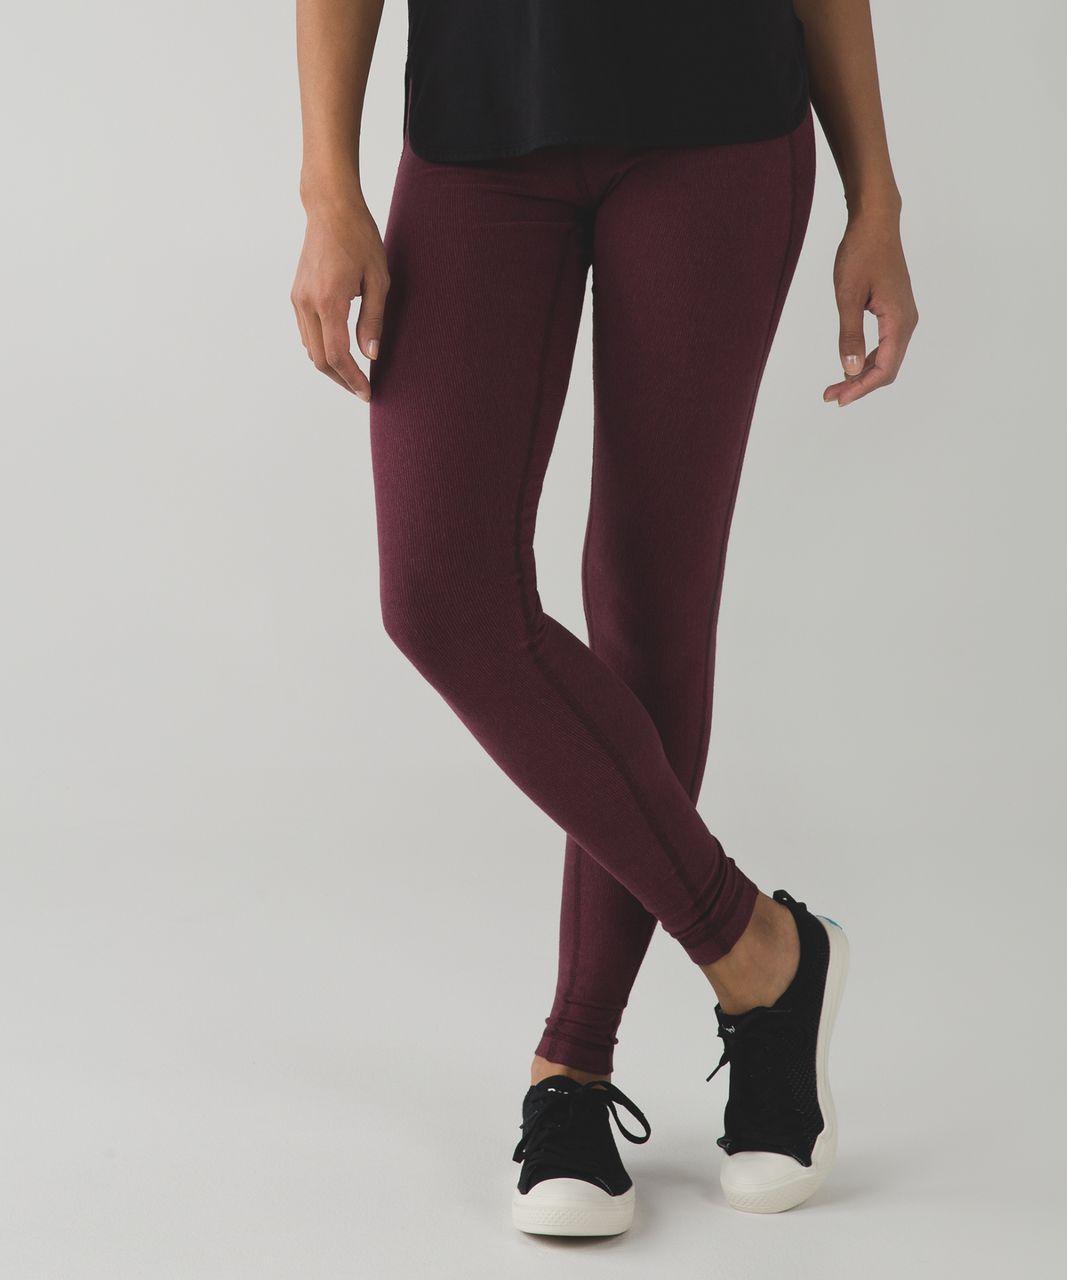 Lululemon Wunder Under Pant (Stripes) *Cotton - Wee Stripe Heathered Wine Berry Bordeaux Drama